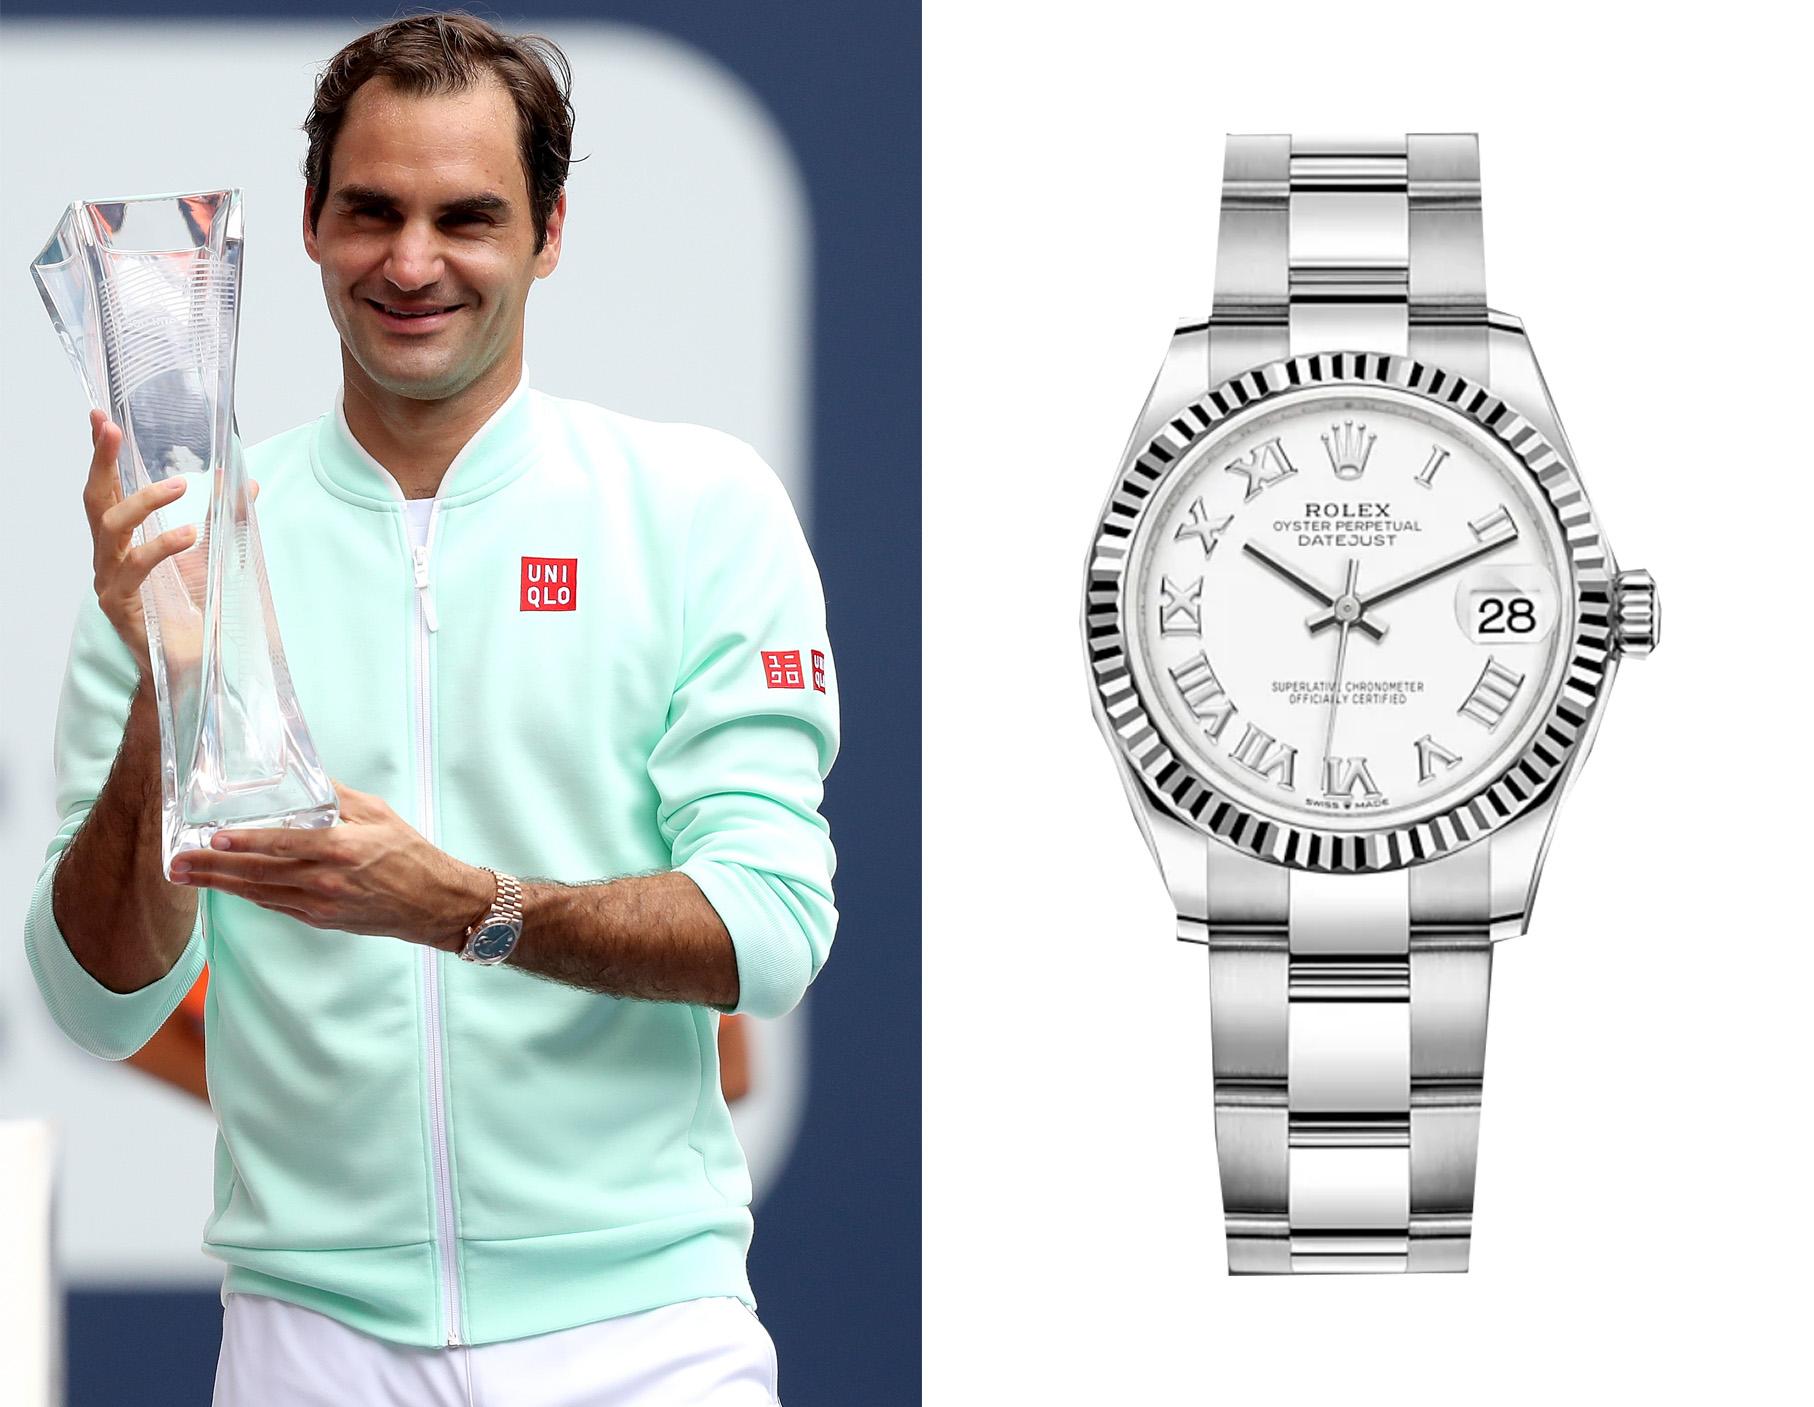 Relojes de deportistas y celebrities.